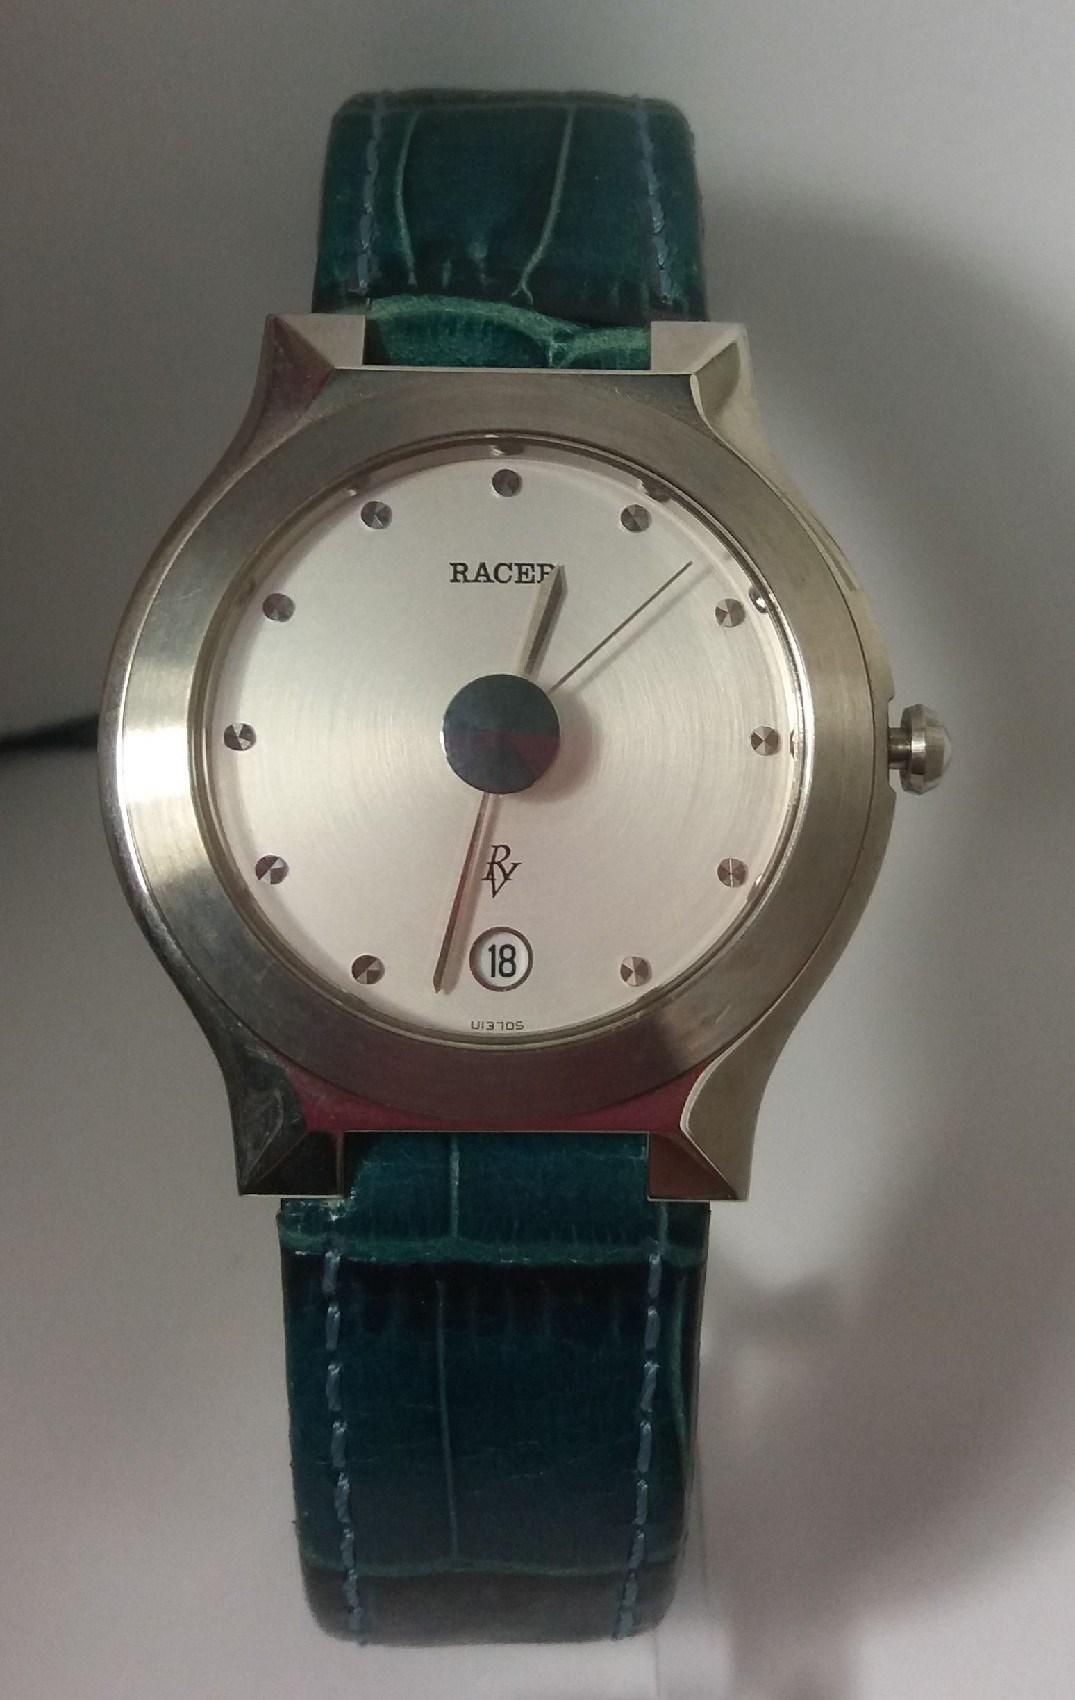 ff8420601b5e Reloj racer - precio en tiendas de 22€ a 107€ - LaTOP.es